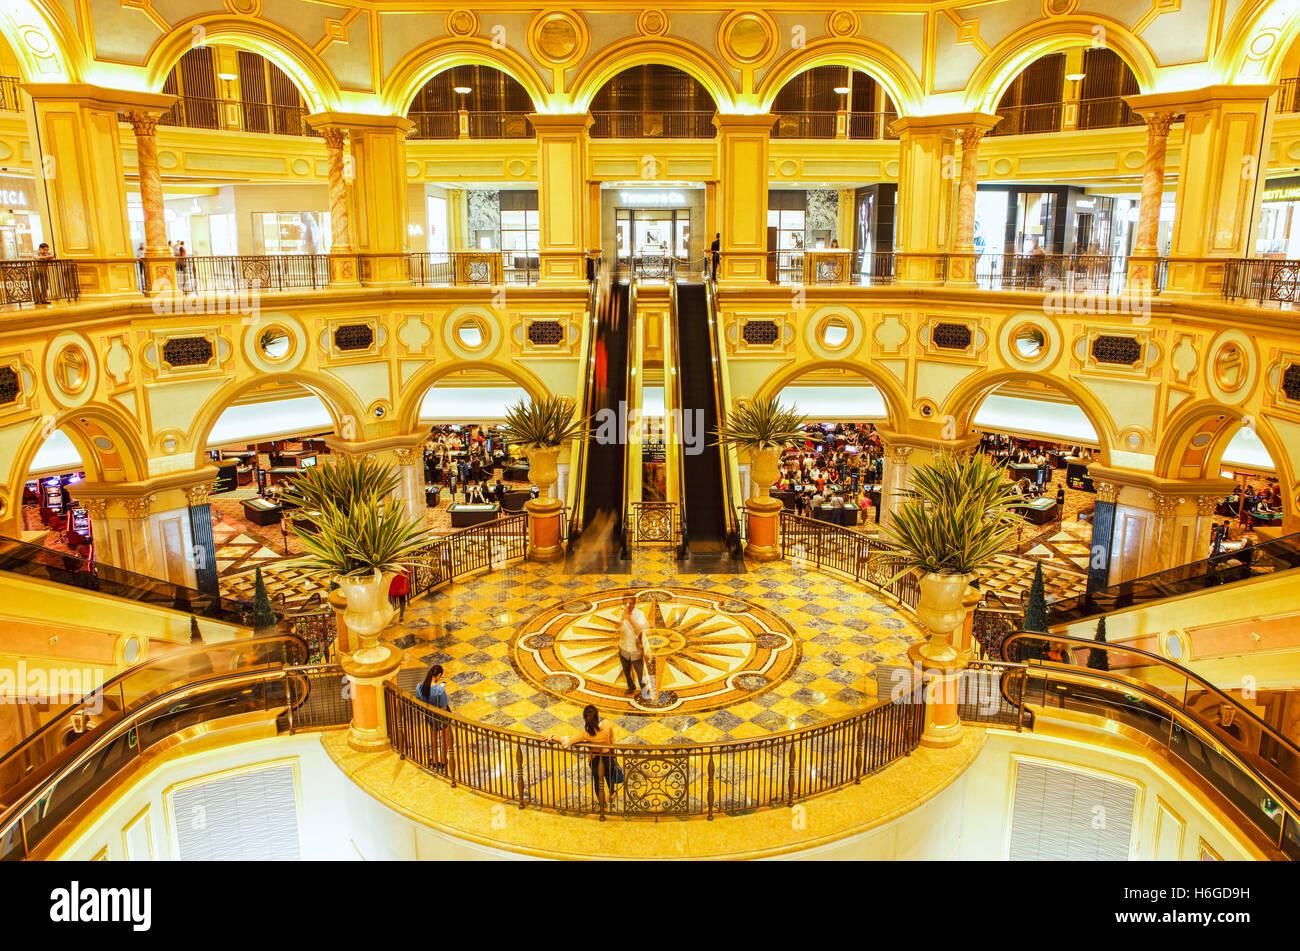 El gran salón del Hotel y Casino veneciano, Cotai, Macao. Imagen De Stock